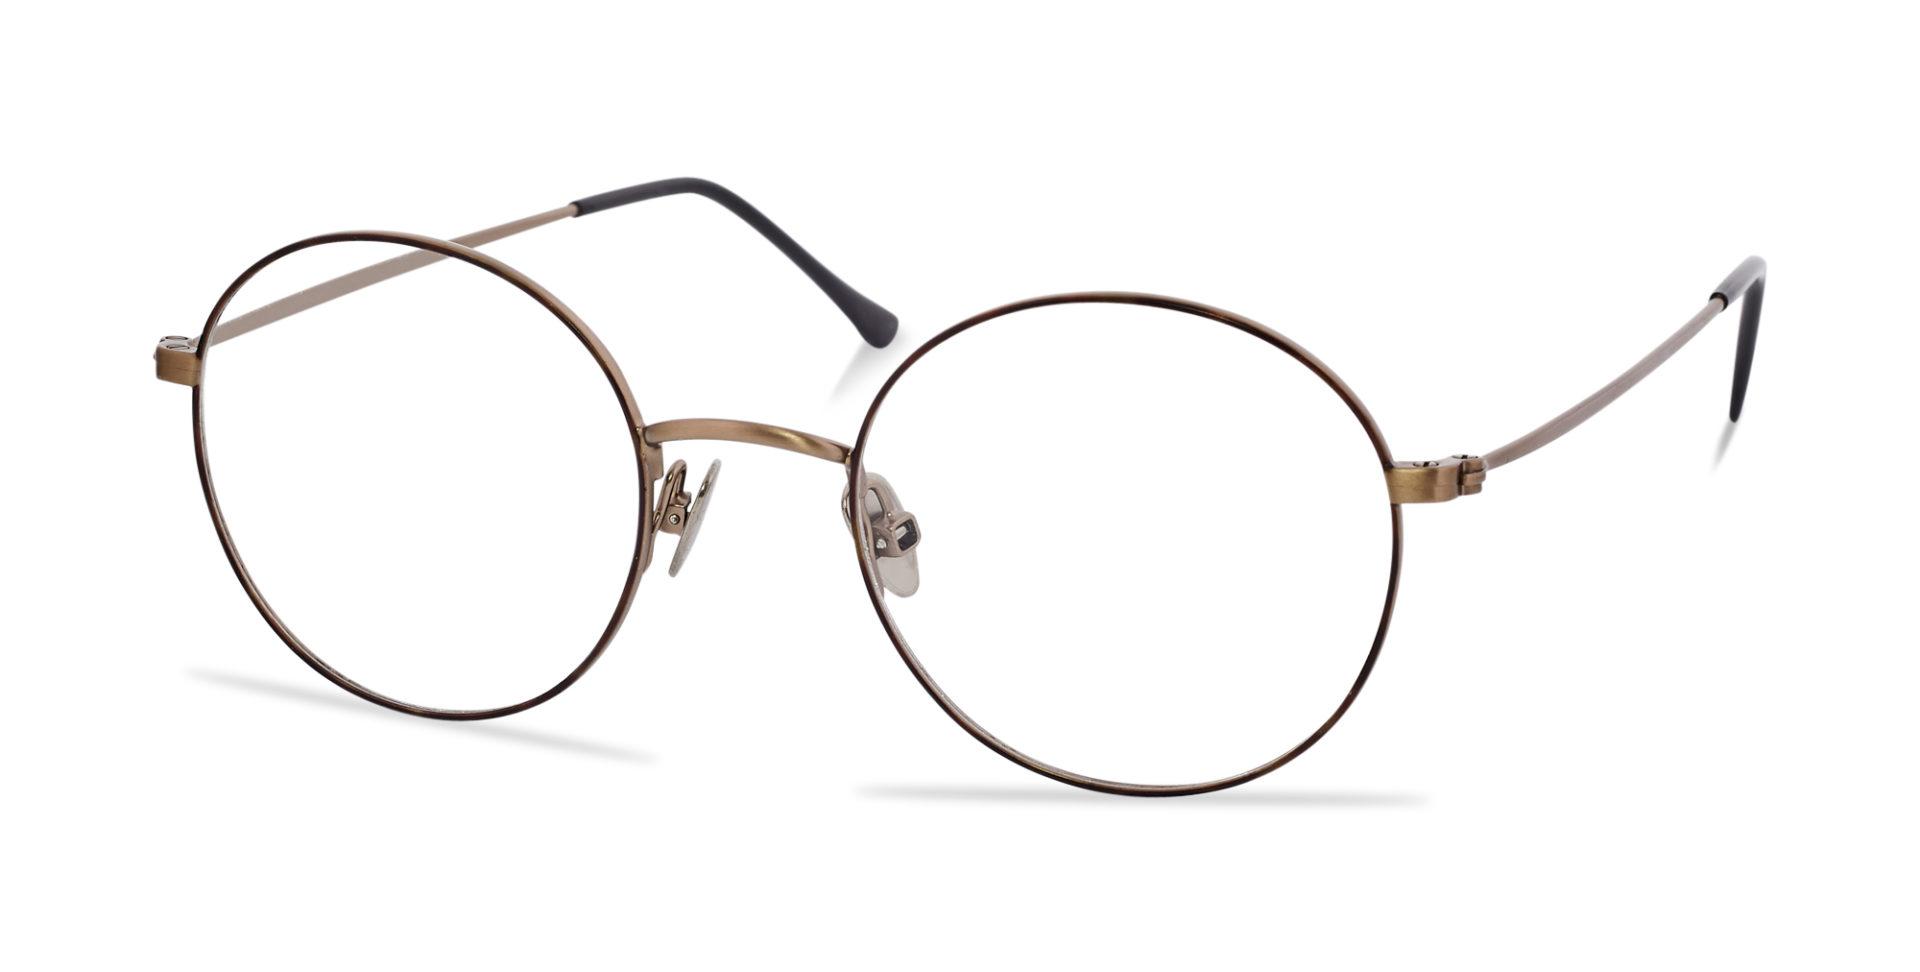 imago i spax brillen muenchen - Imago i-spax Brillen München